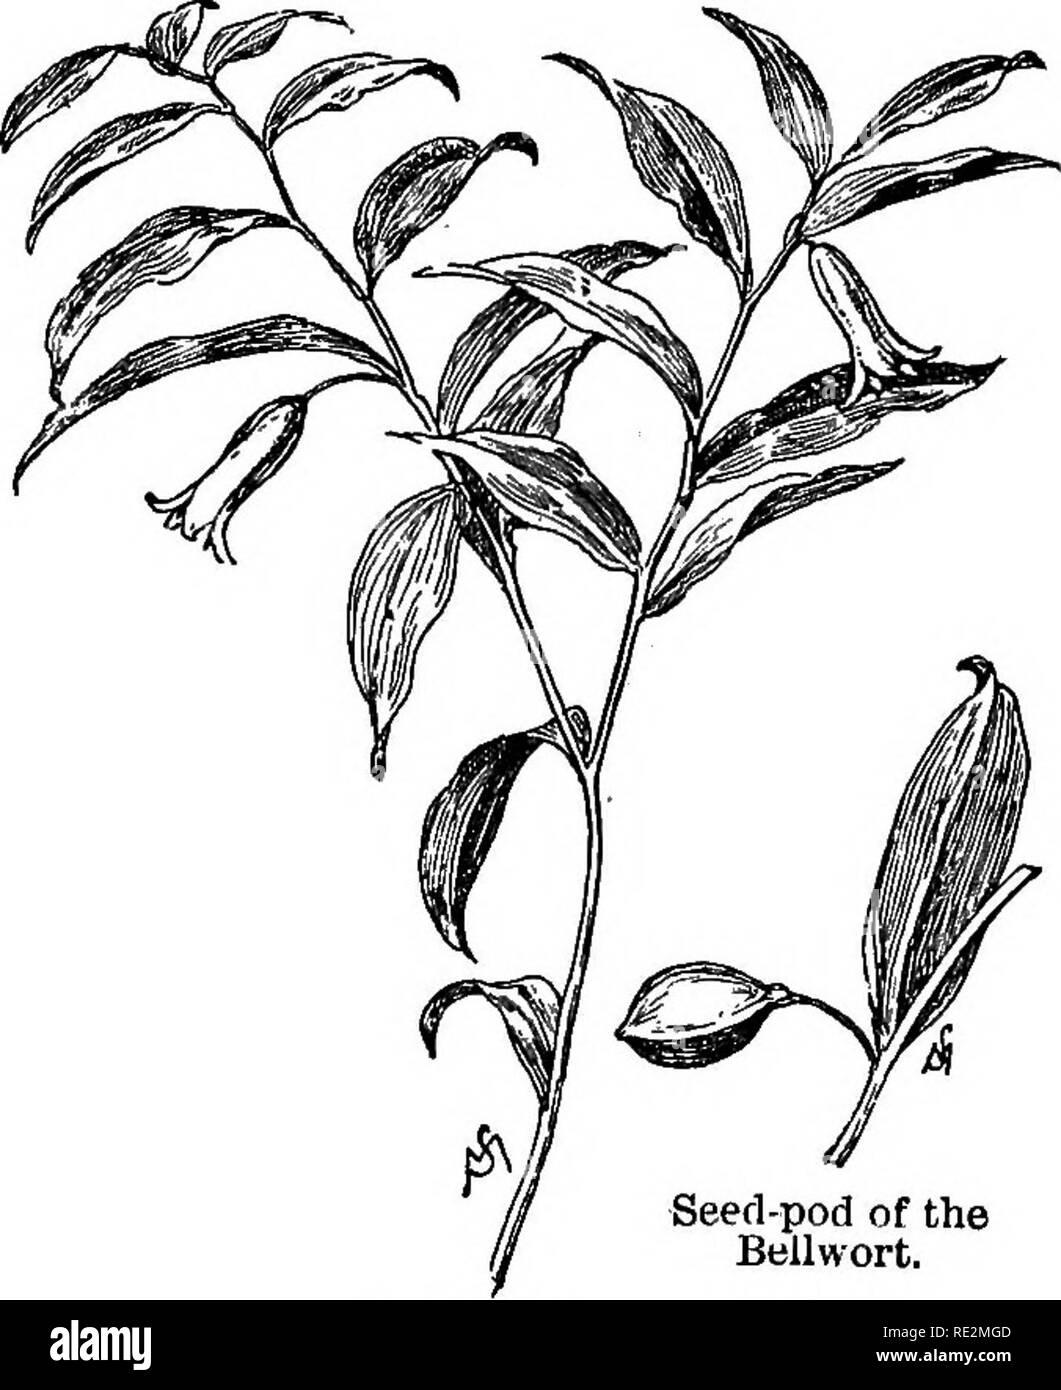 . Champ de fleurs familières et jardin;. La botanique. Le chapitre II. Avril et mai. Floraison de Wintergreen. BoUwort. La fleur de l'bellwort est plutôt odkenasessilifoUa. ,^^ insignifiantes, s'atténue peu de chose, que l'on remarque à peine, à moins que la plante a été choisi, et sa face cachée (d'où dépend la cloche) transformé en vue. La fleur est de couleur crème-, la face supérieure des feuilles est vert pâle, et le sous sur- face vert bleuâtre. L'usine n'est pas souvent plus de huit pouces de haut comme elle pousse dans Beiiwort. 15. Seed-pod du Bellwort.. Veuillez noter que ces images sont extraites Photo Stock